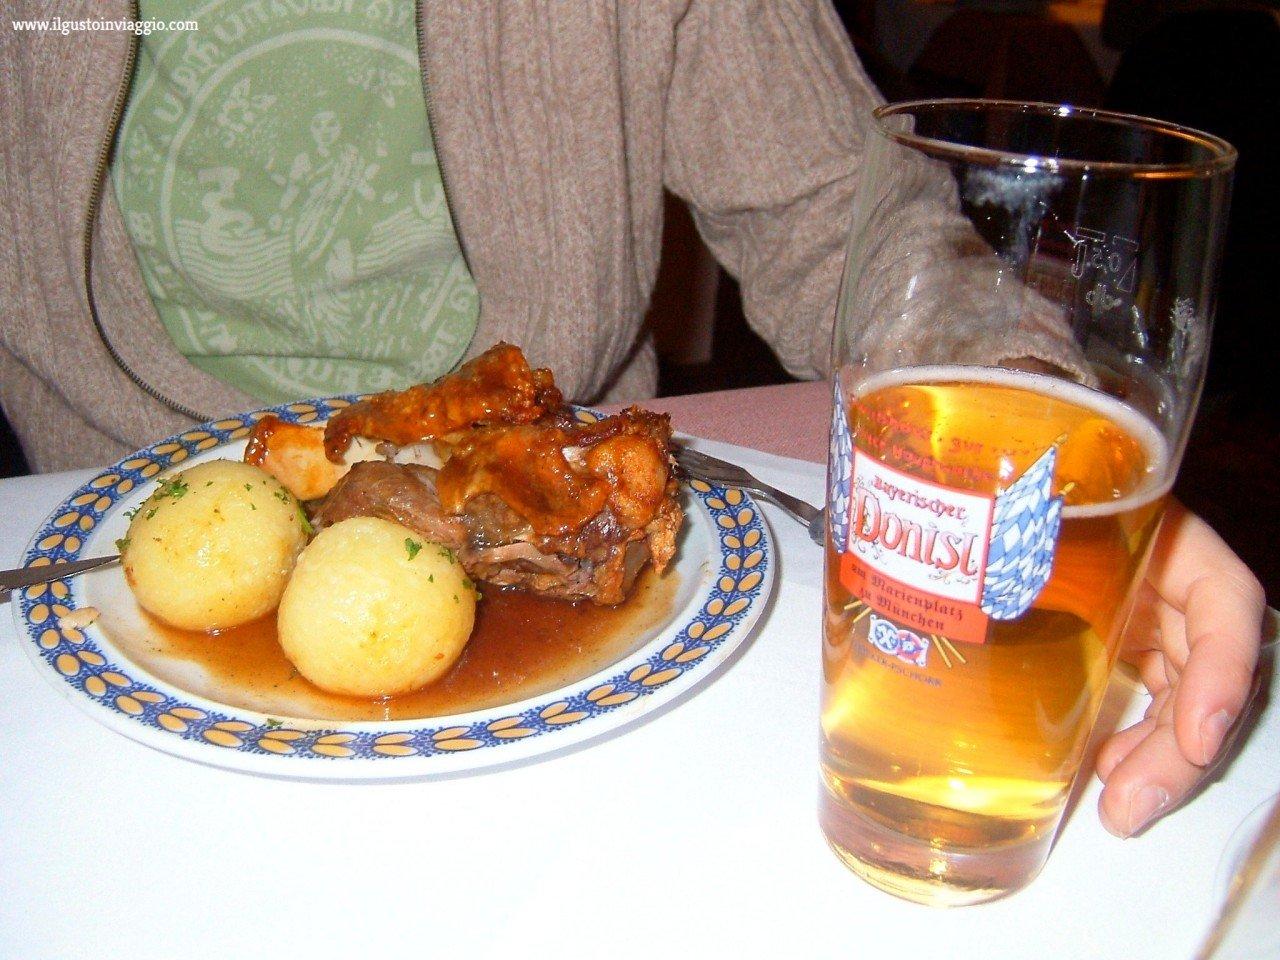 cenare a monaco di baviera, monaco baviera stinco maiale, stinco maiale alla birra